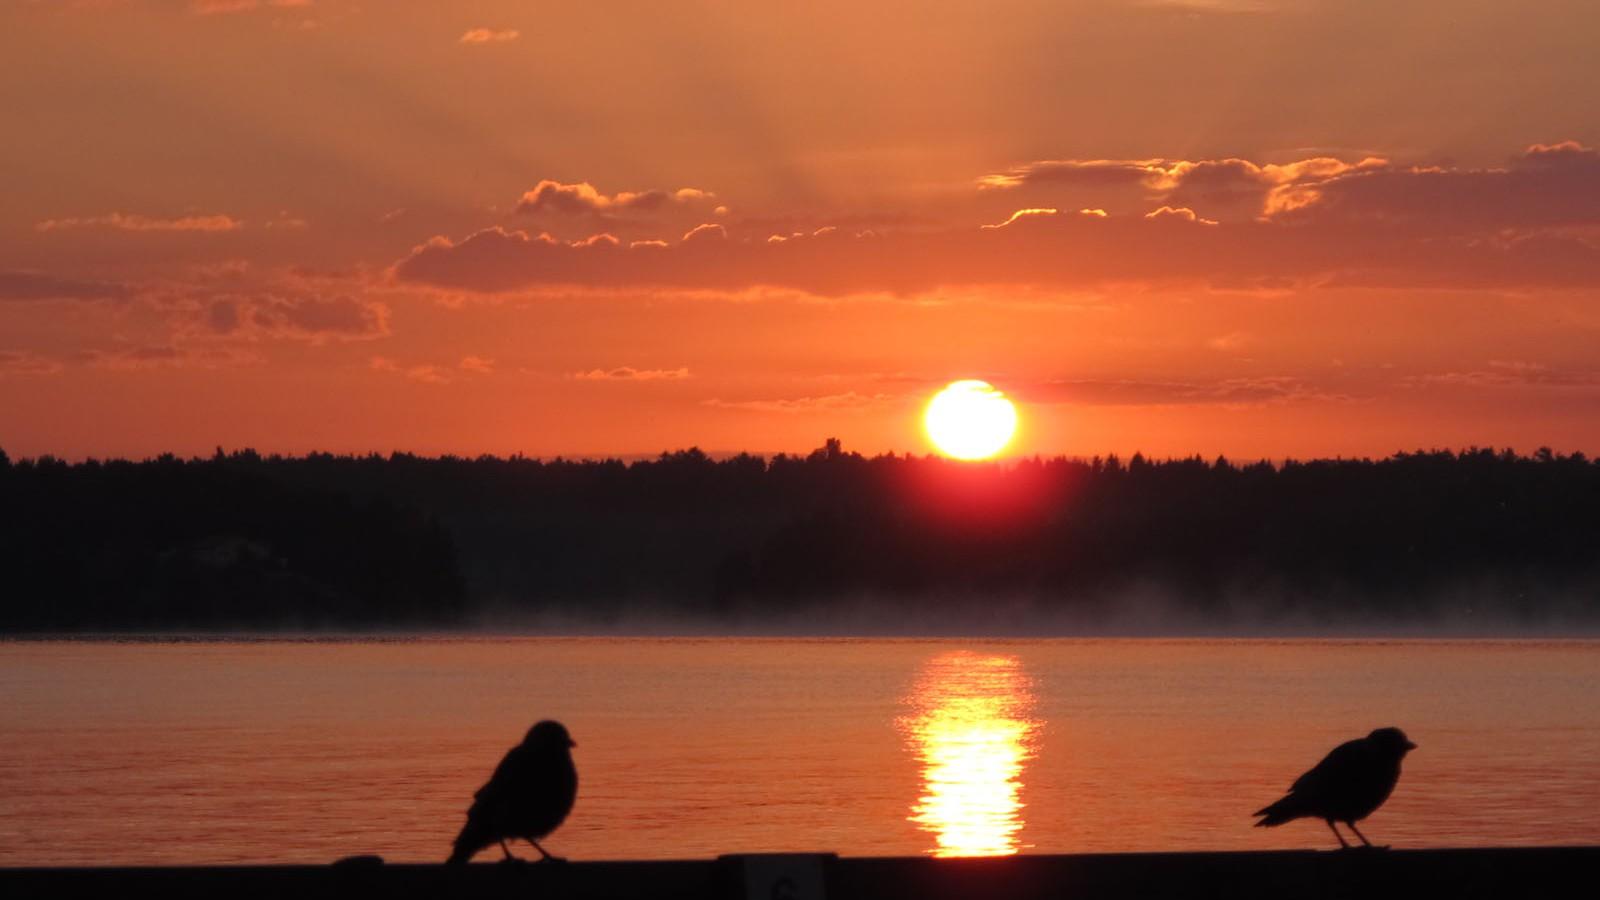 Sonnenaufgang am Vänernsee.